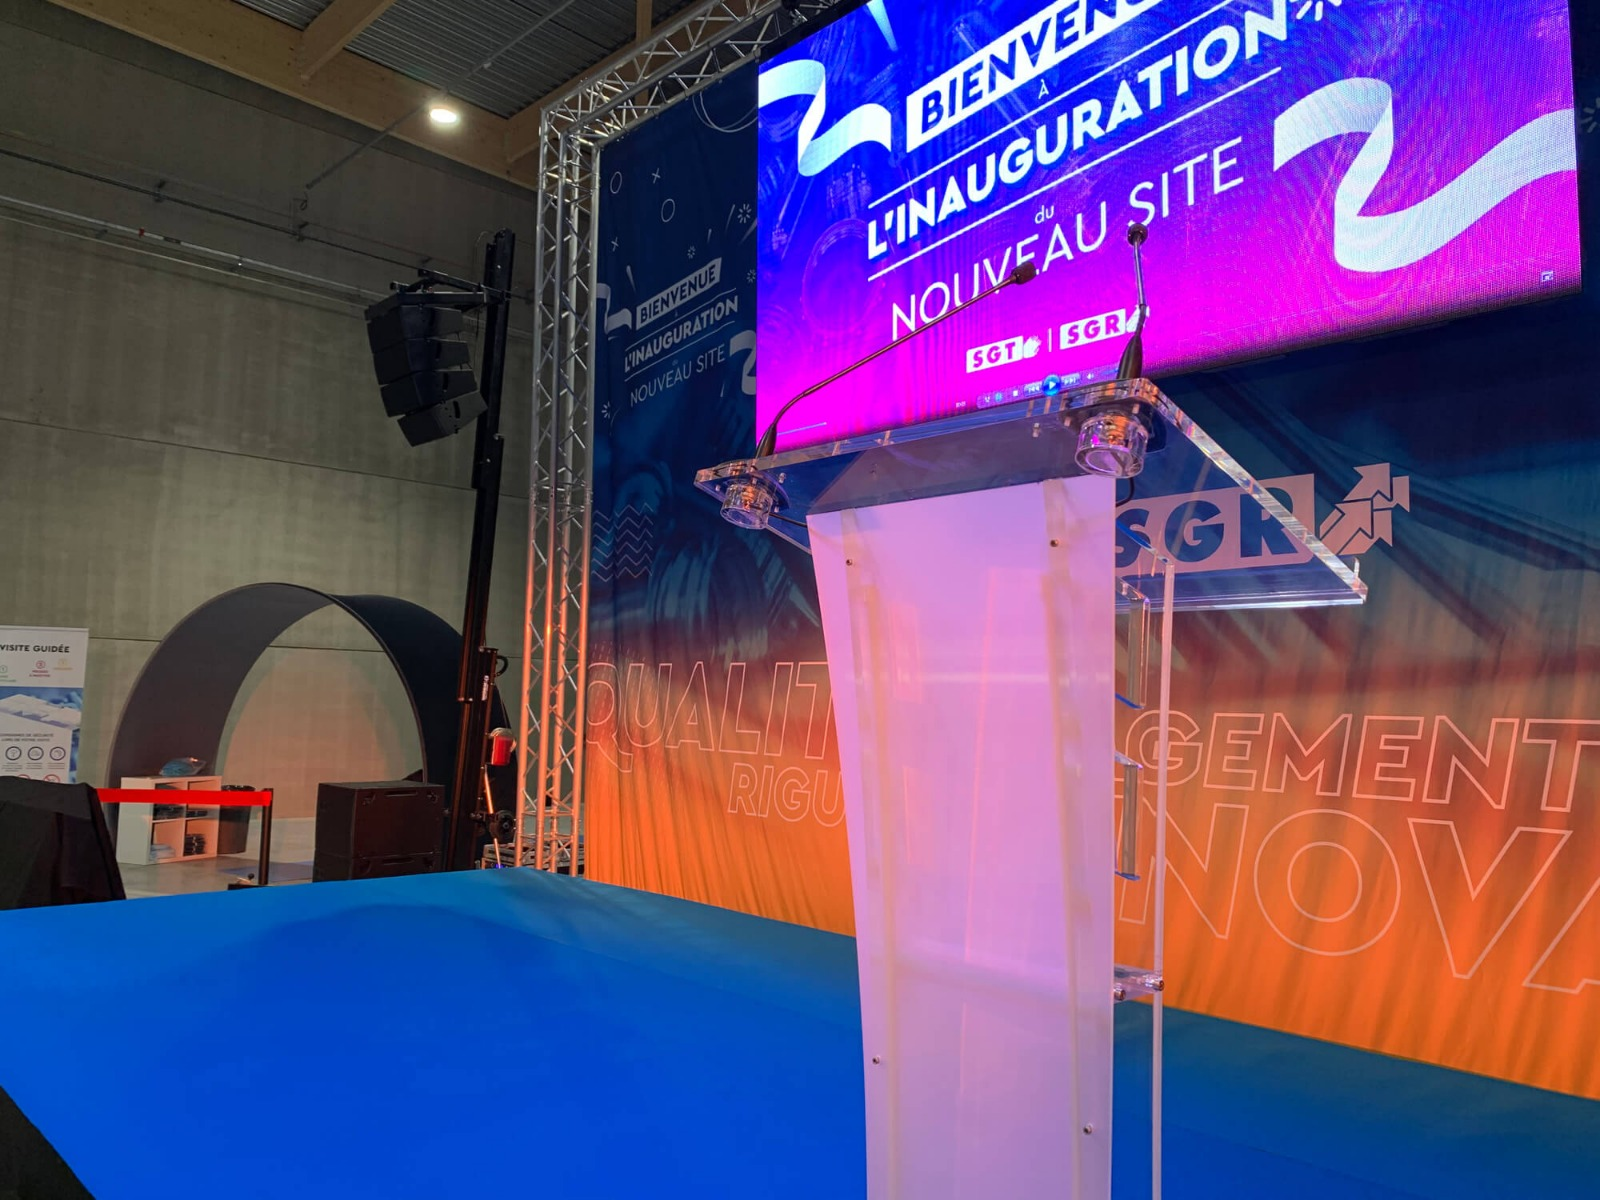 Scène discours inauguration Chalon-sur-Saône